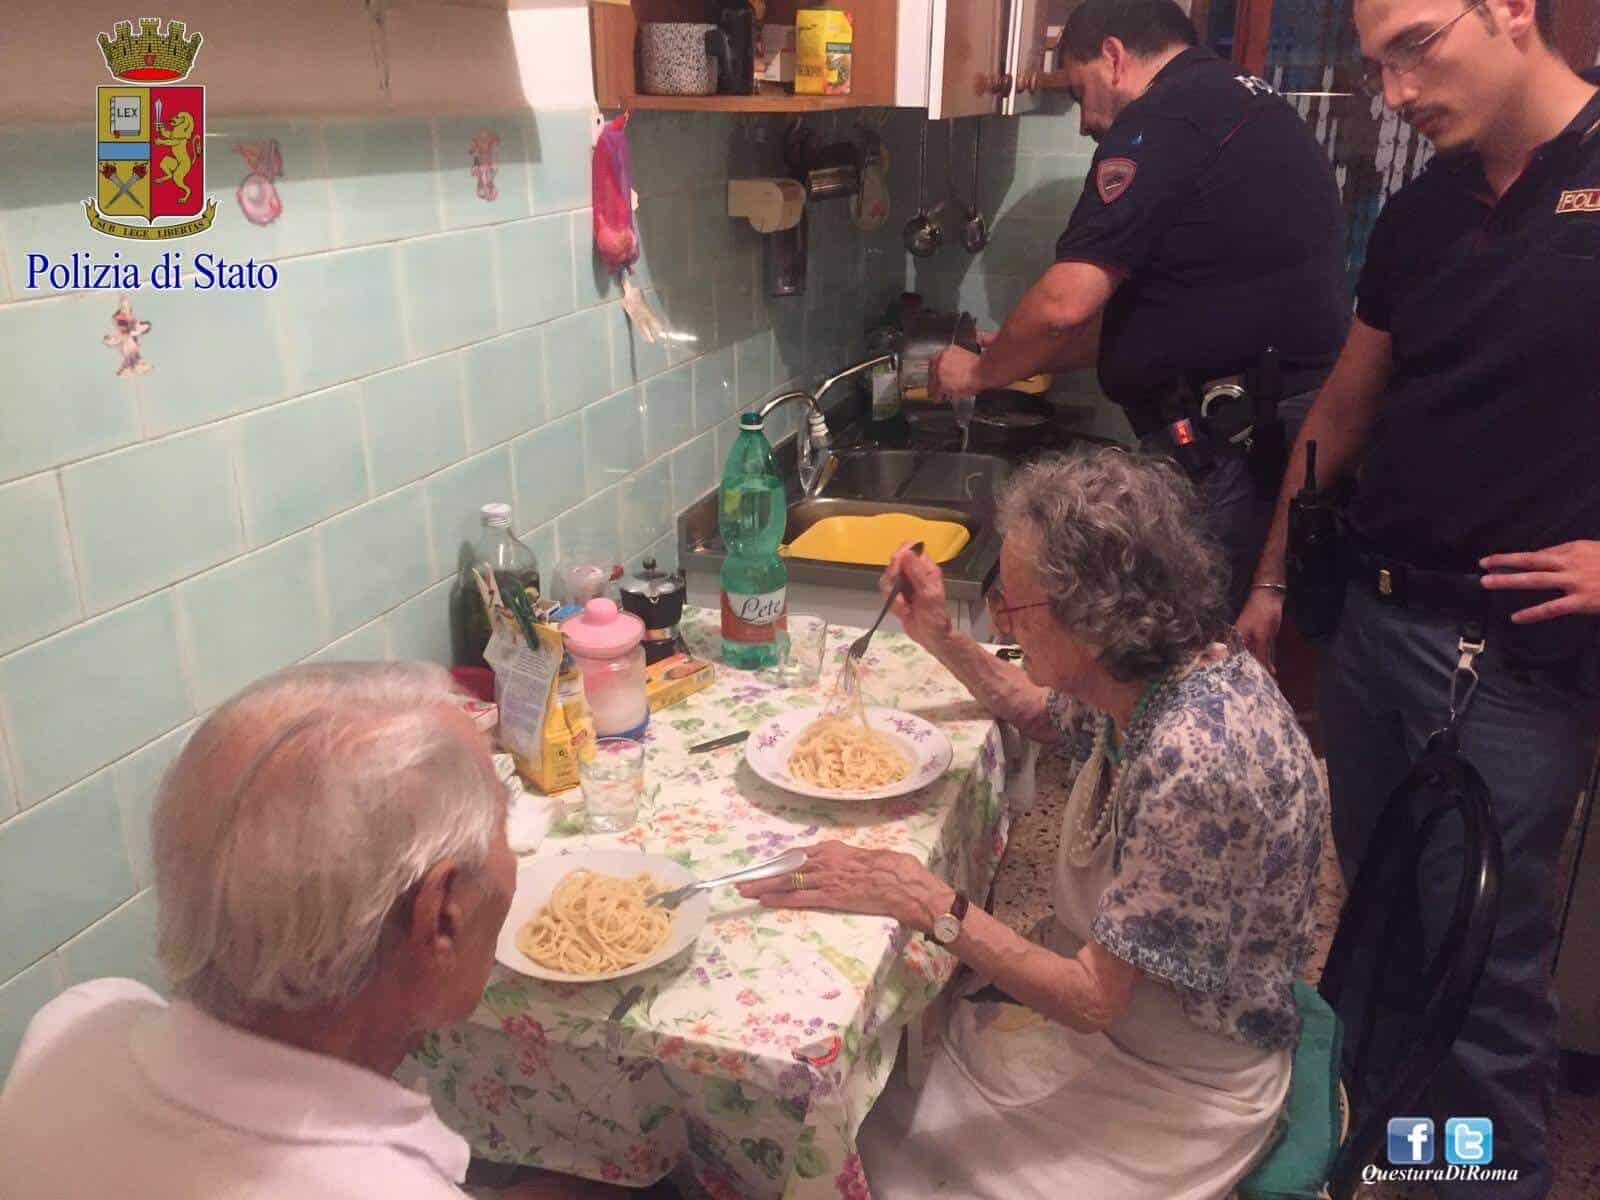 Policiais encontram casal de idosos chorando e motivo comovente os fazem jantar juntos!